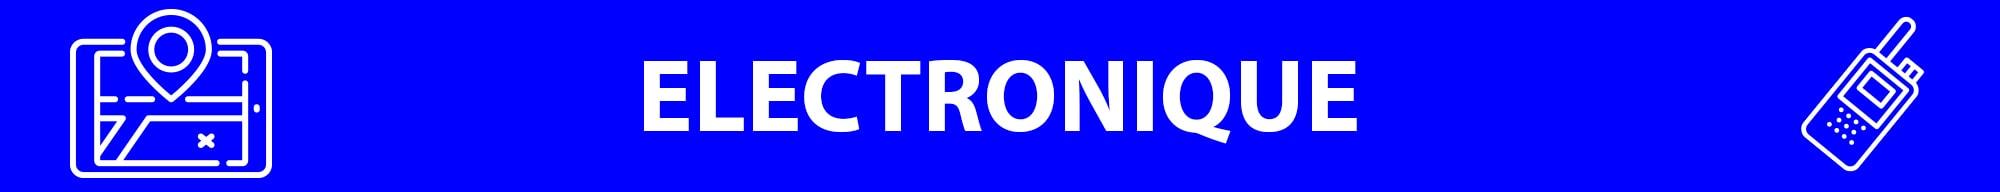 header - electronique.jpg